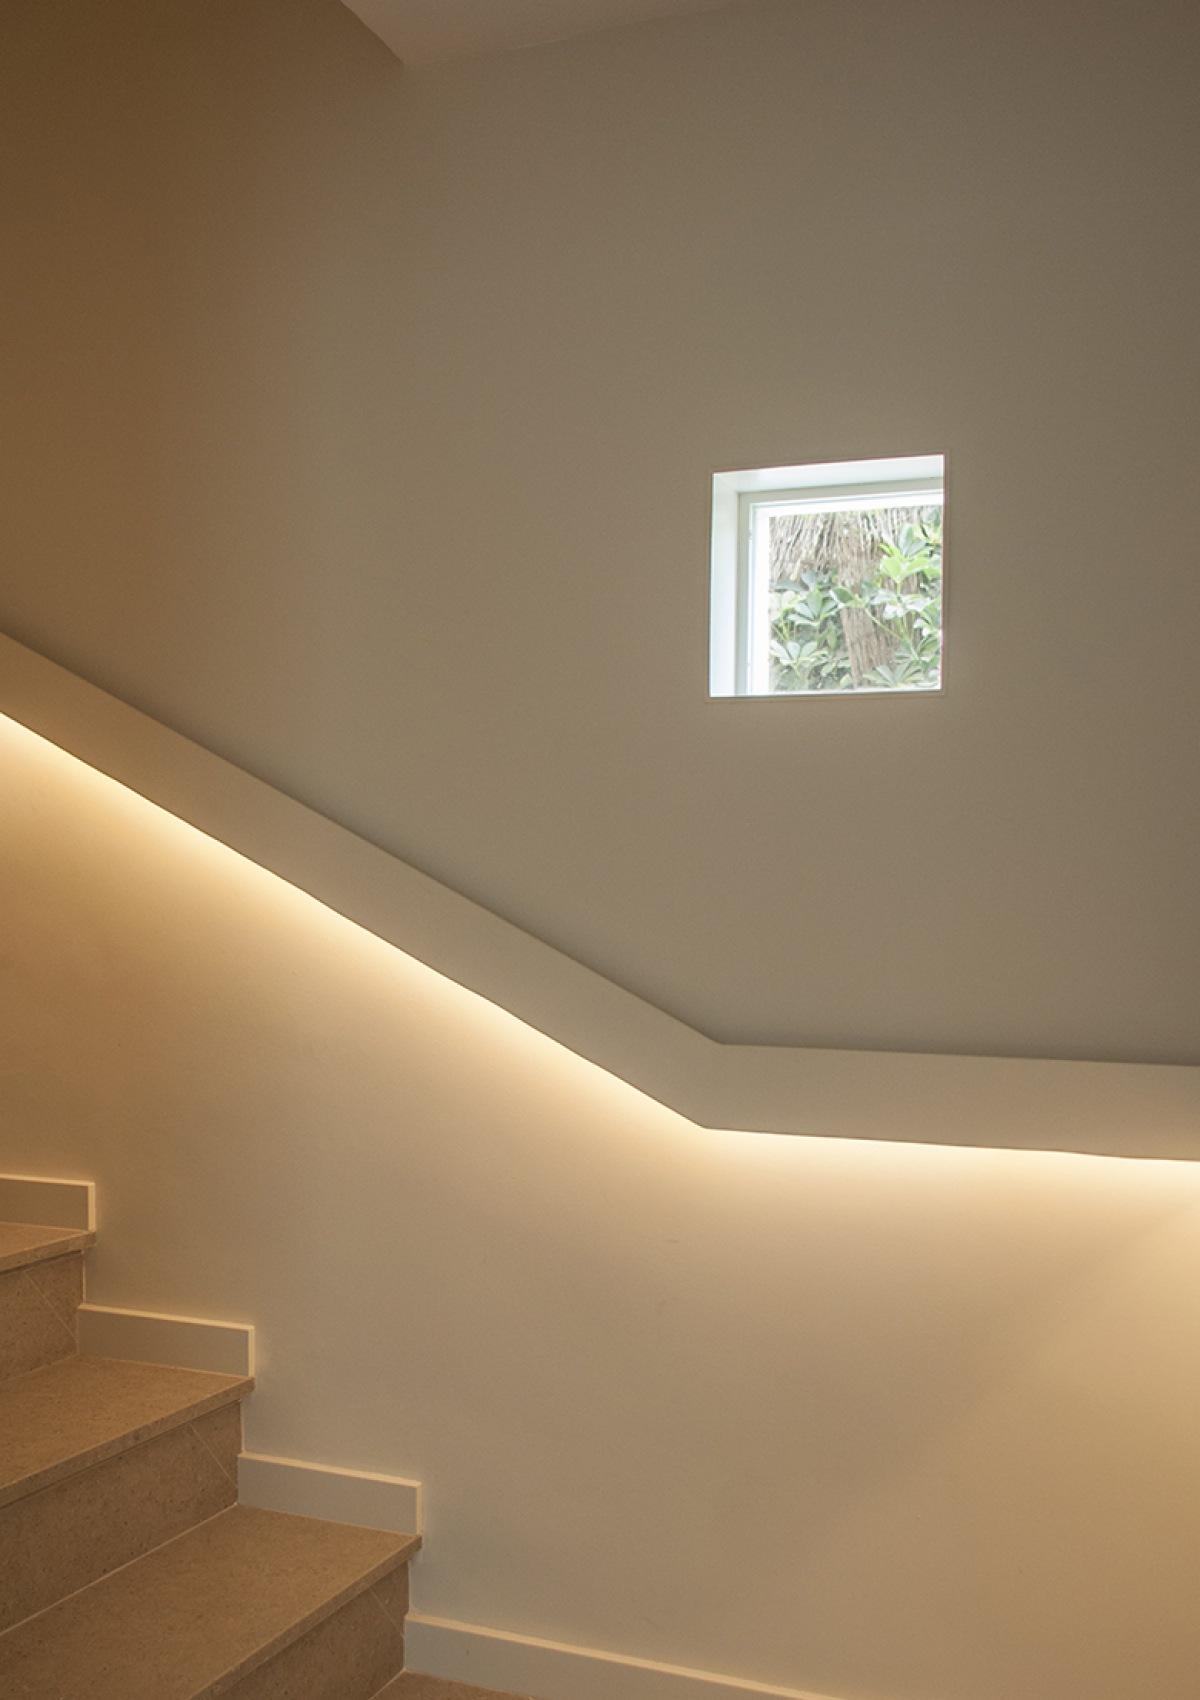 6-architecture-sitges-interior-design-barcelona-stairs-apavisa-pavement-steel-handrail-windows